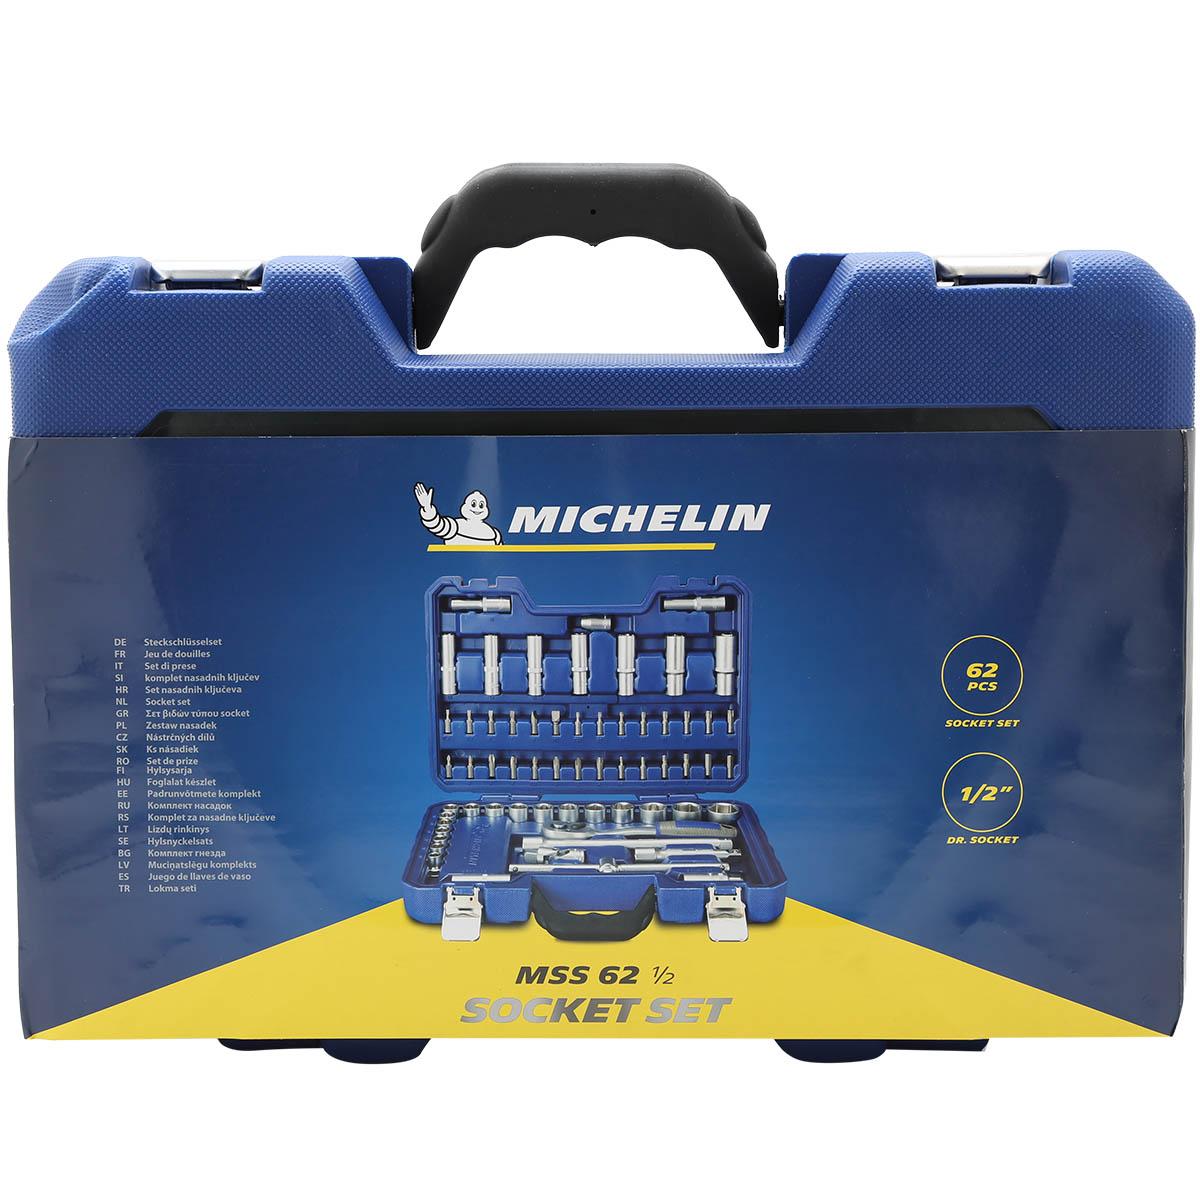 Bộ Đồ Nghề Chuyên Dụng Cho Sửa Chữa Ô tô  - Xe Máy - Michelin 62pcs - Hàng Chính Hãng